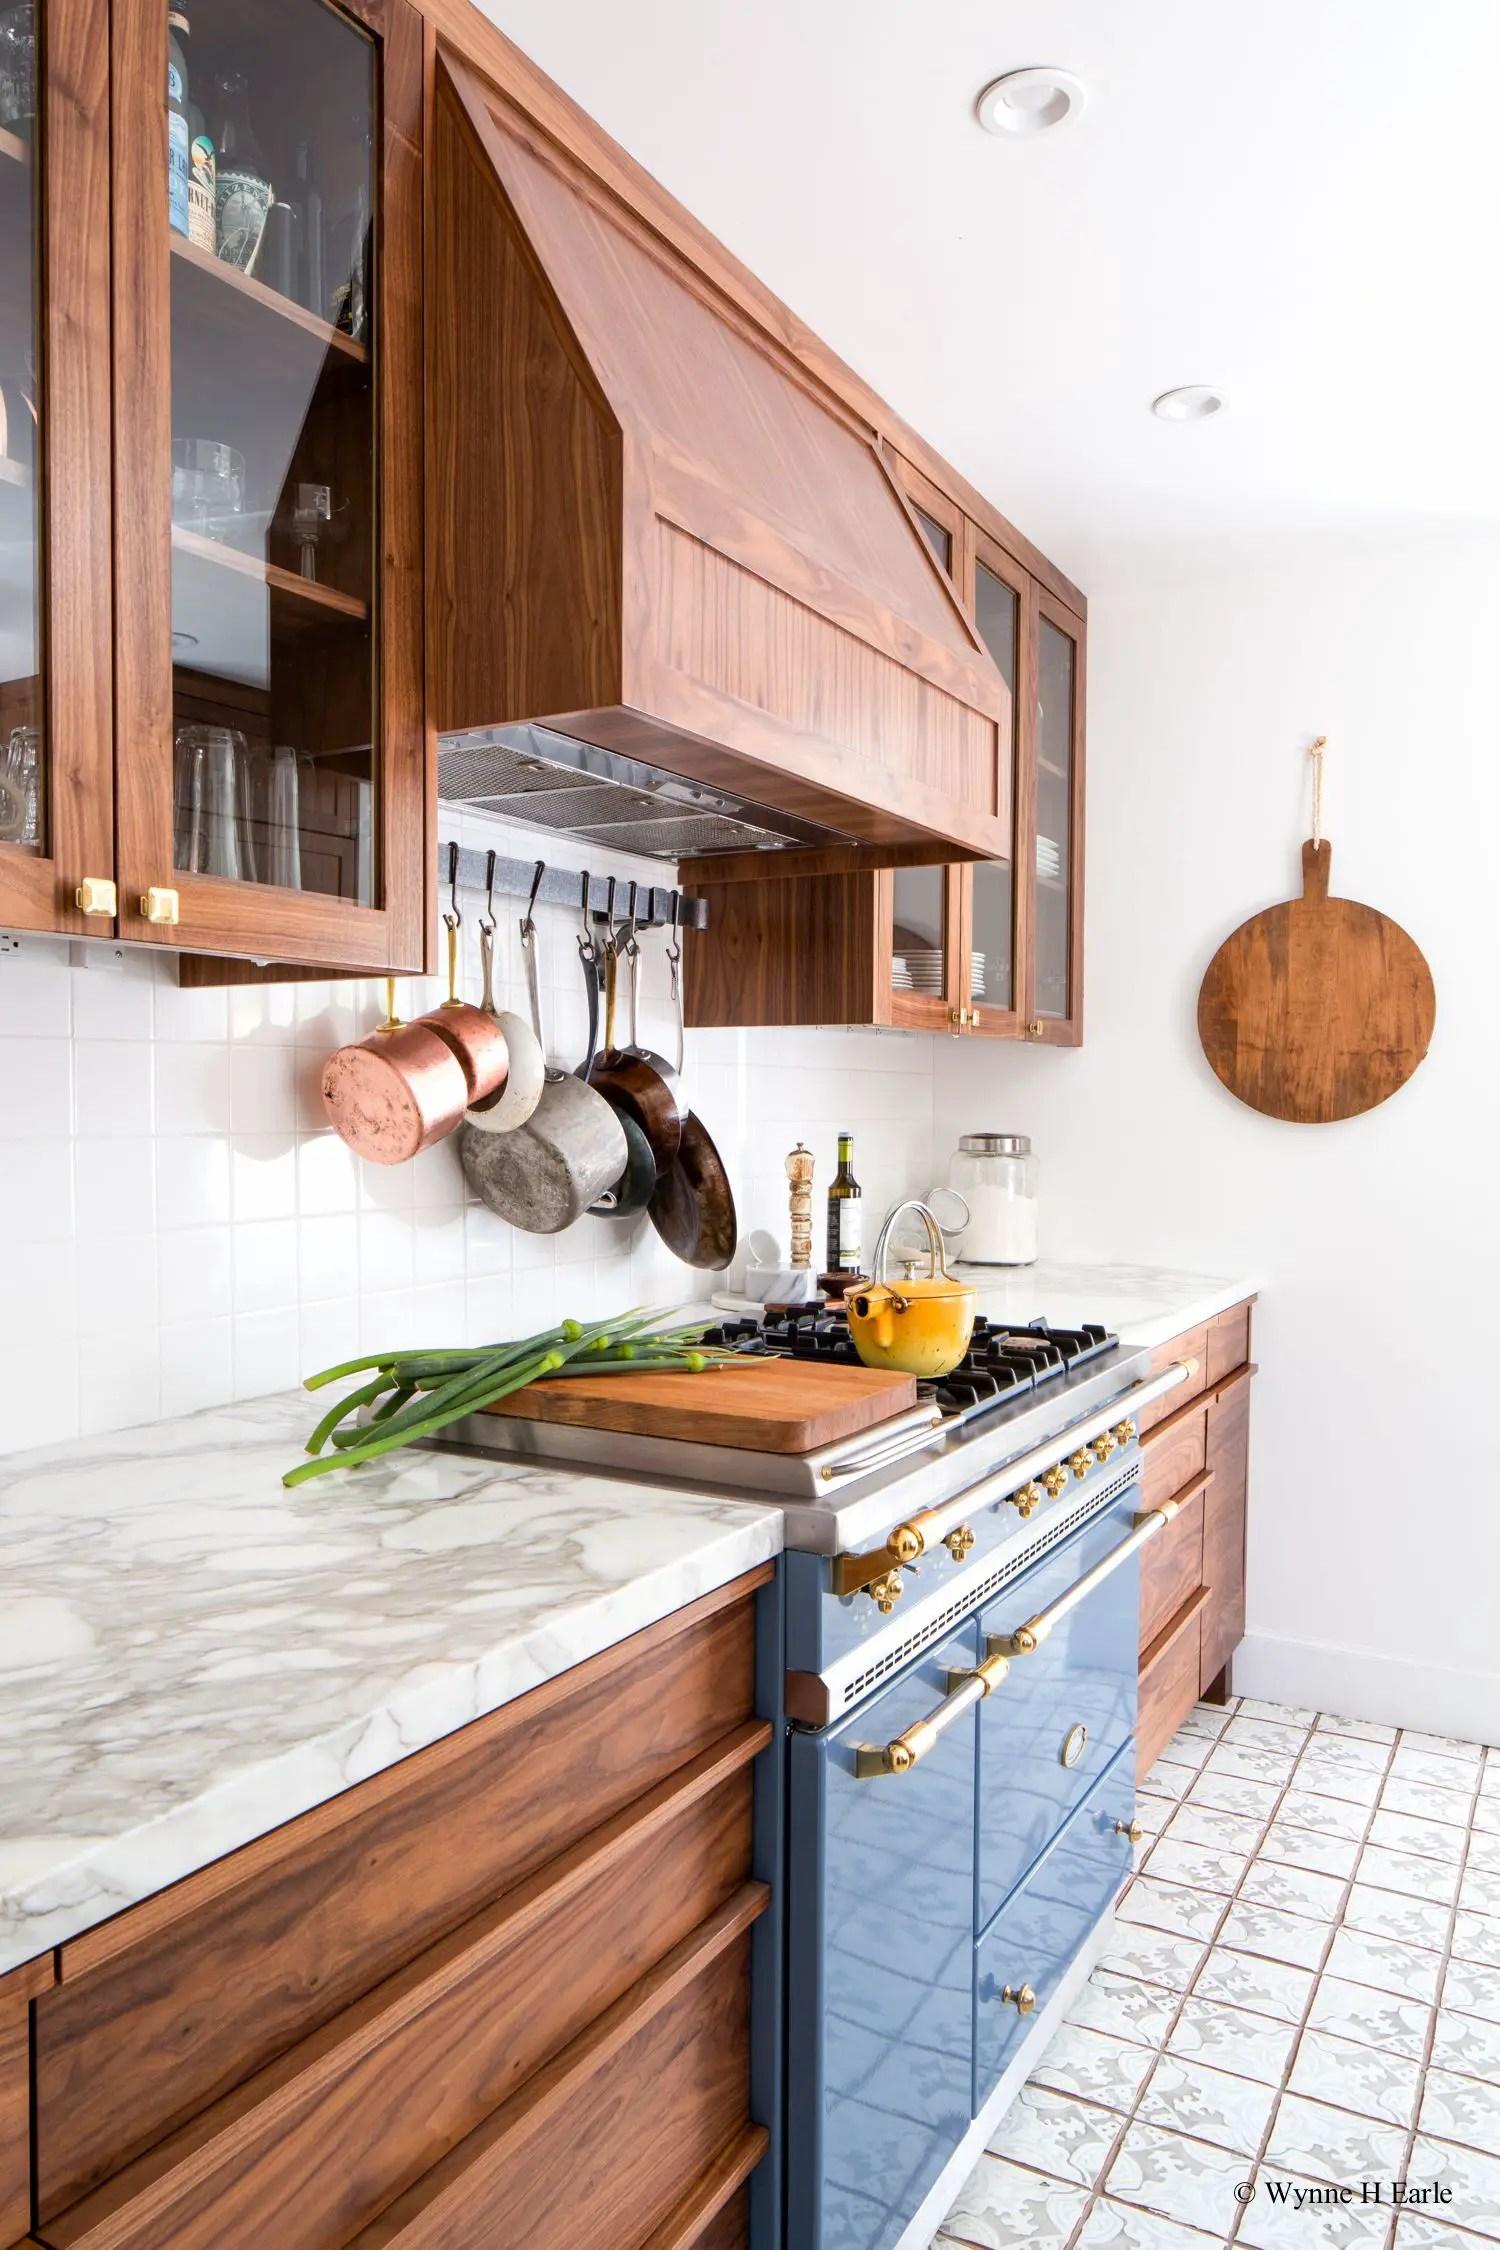 Modern Walnut Kitchen Cabinets Design Ideas 10 - decoratoo